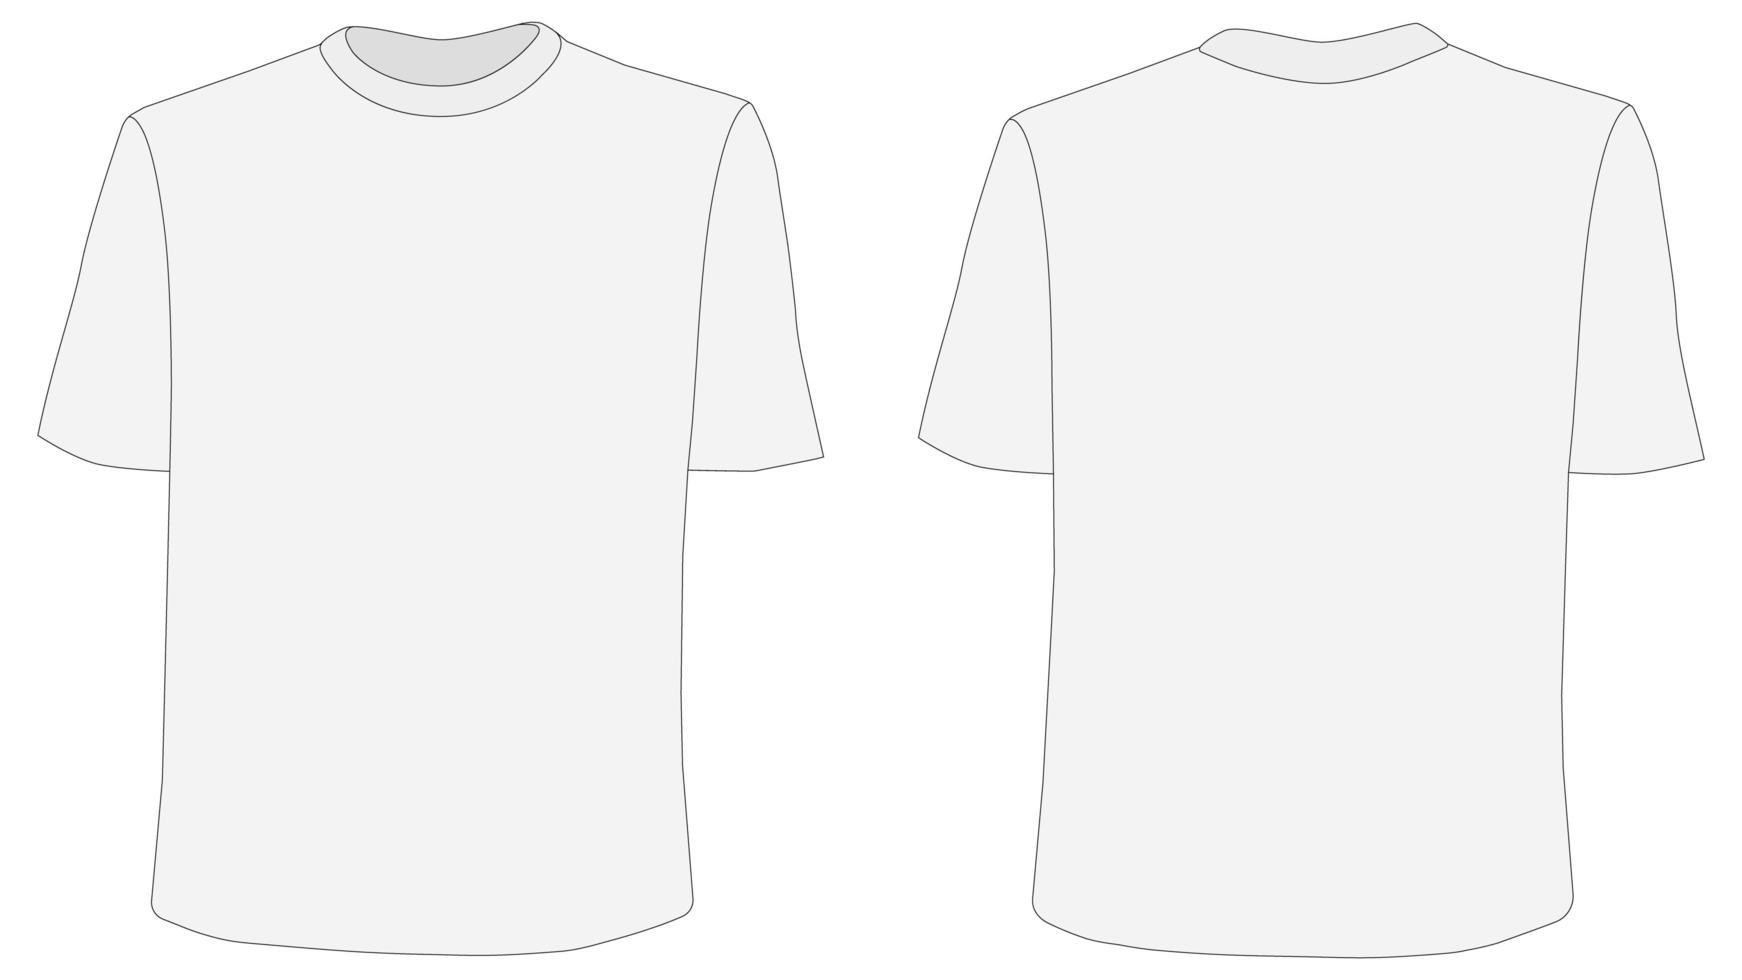 maqueta de camiseta, anverso y reverso vector